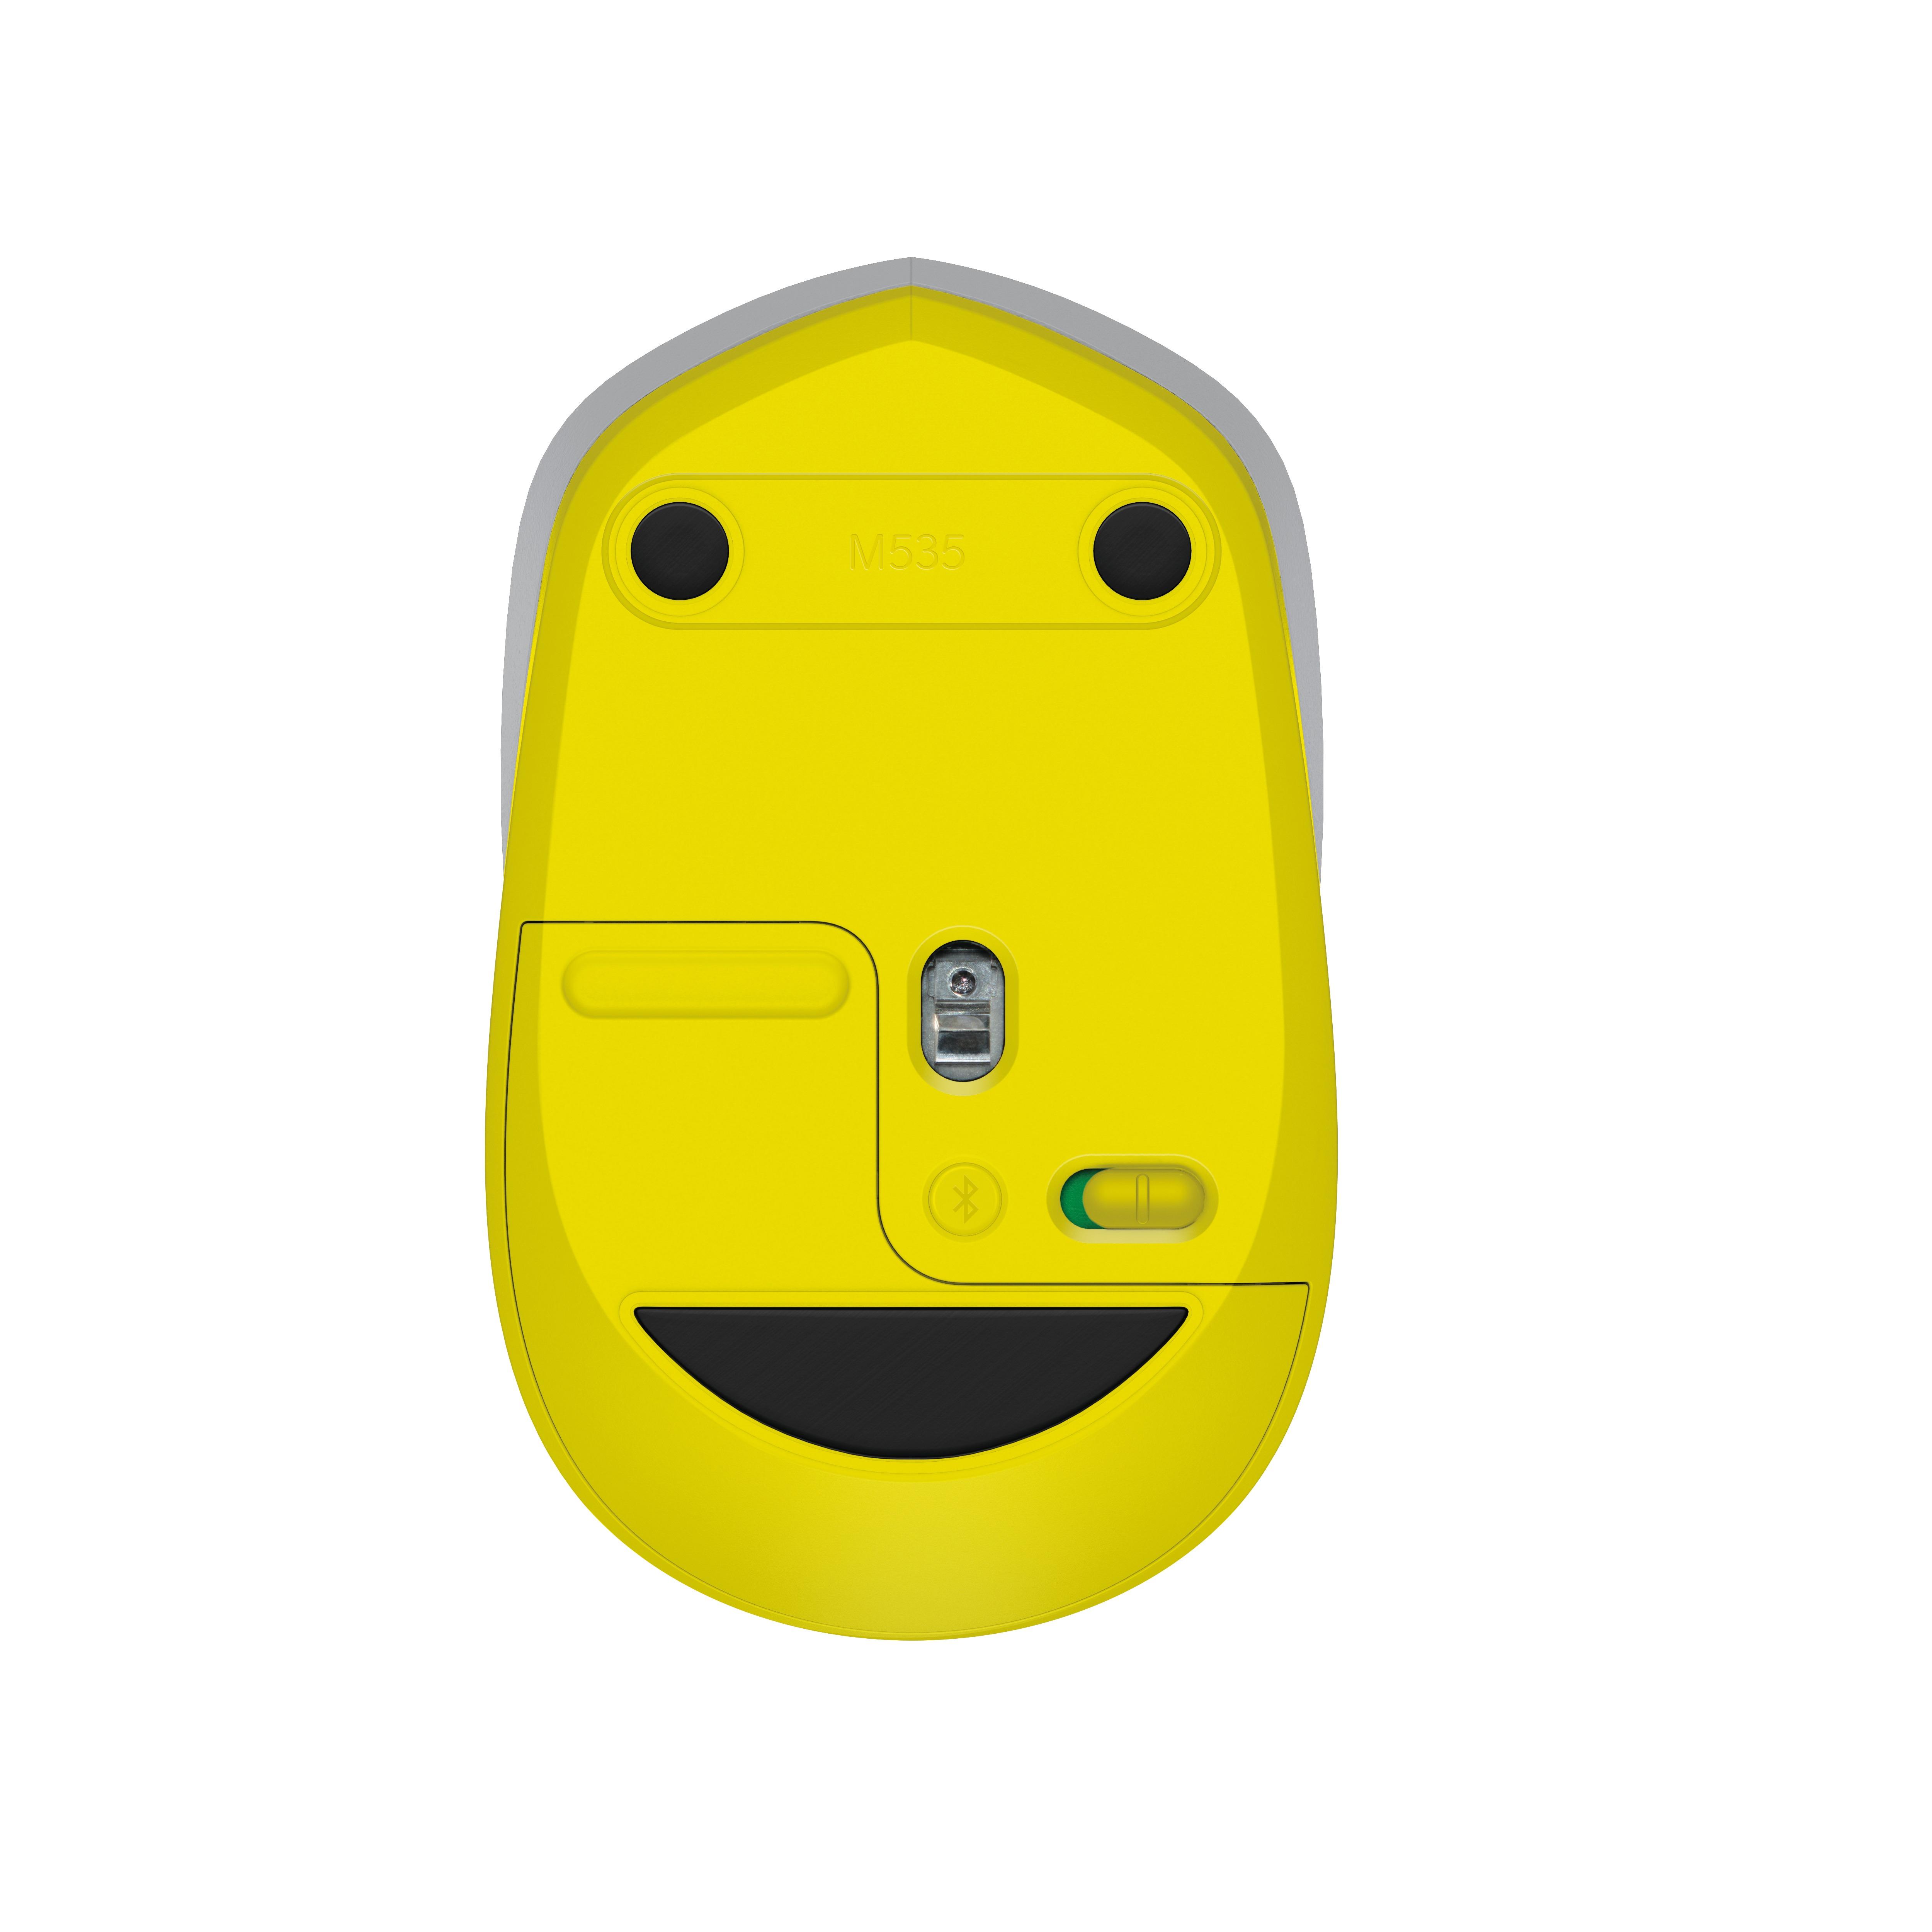 M535 Bluetooth Mouse (grijs)